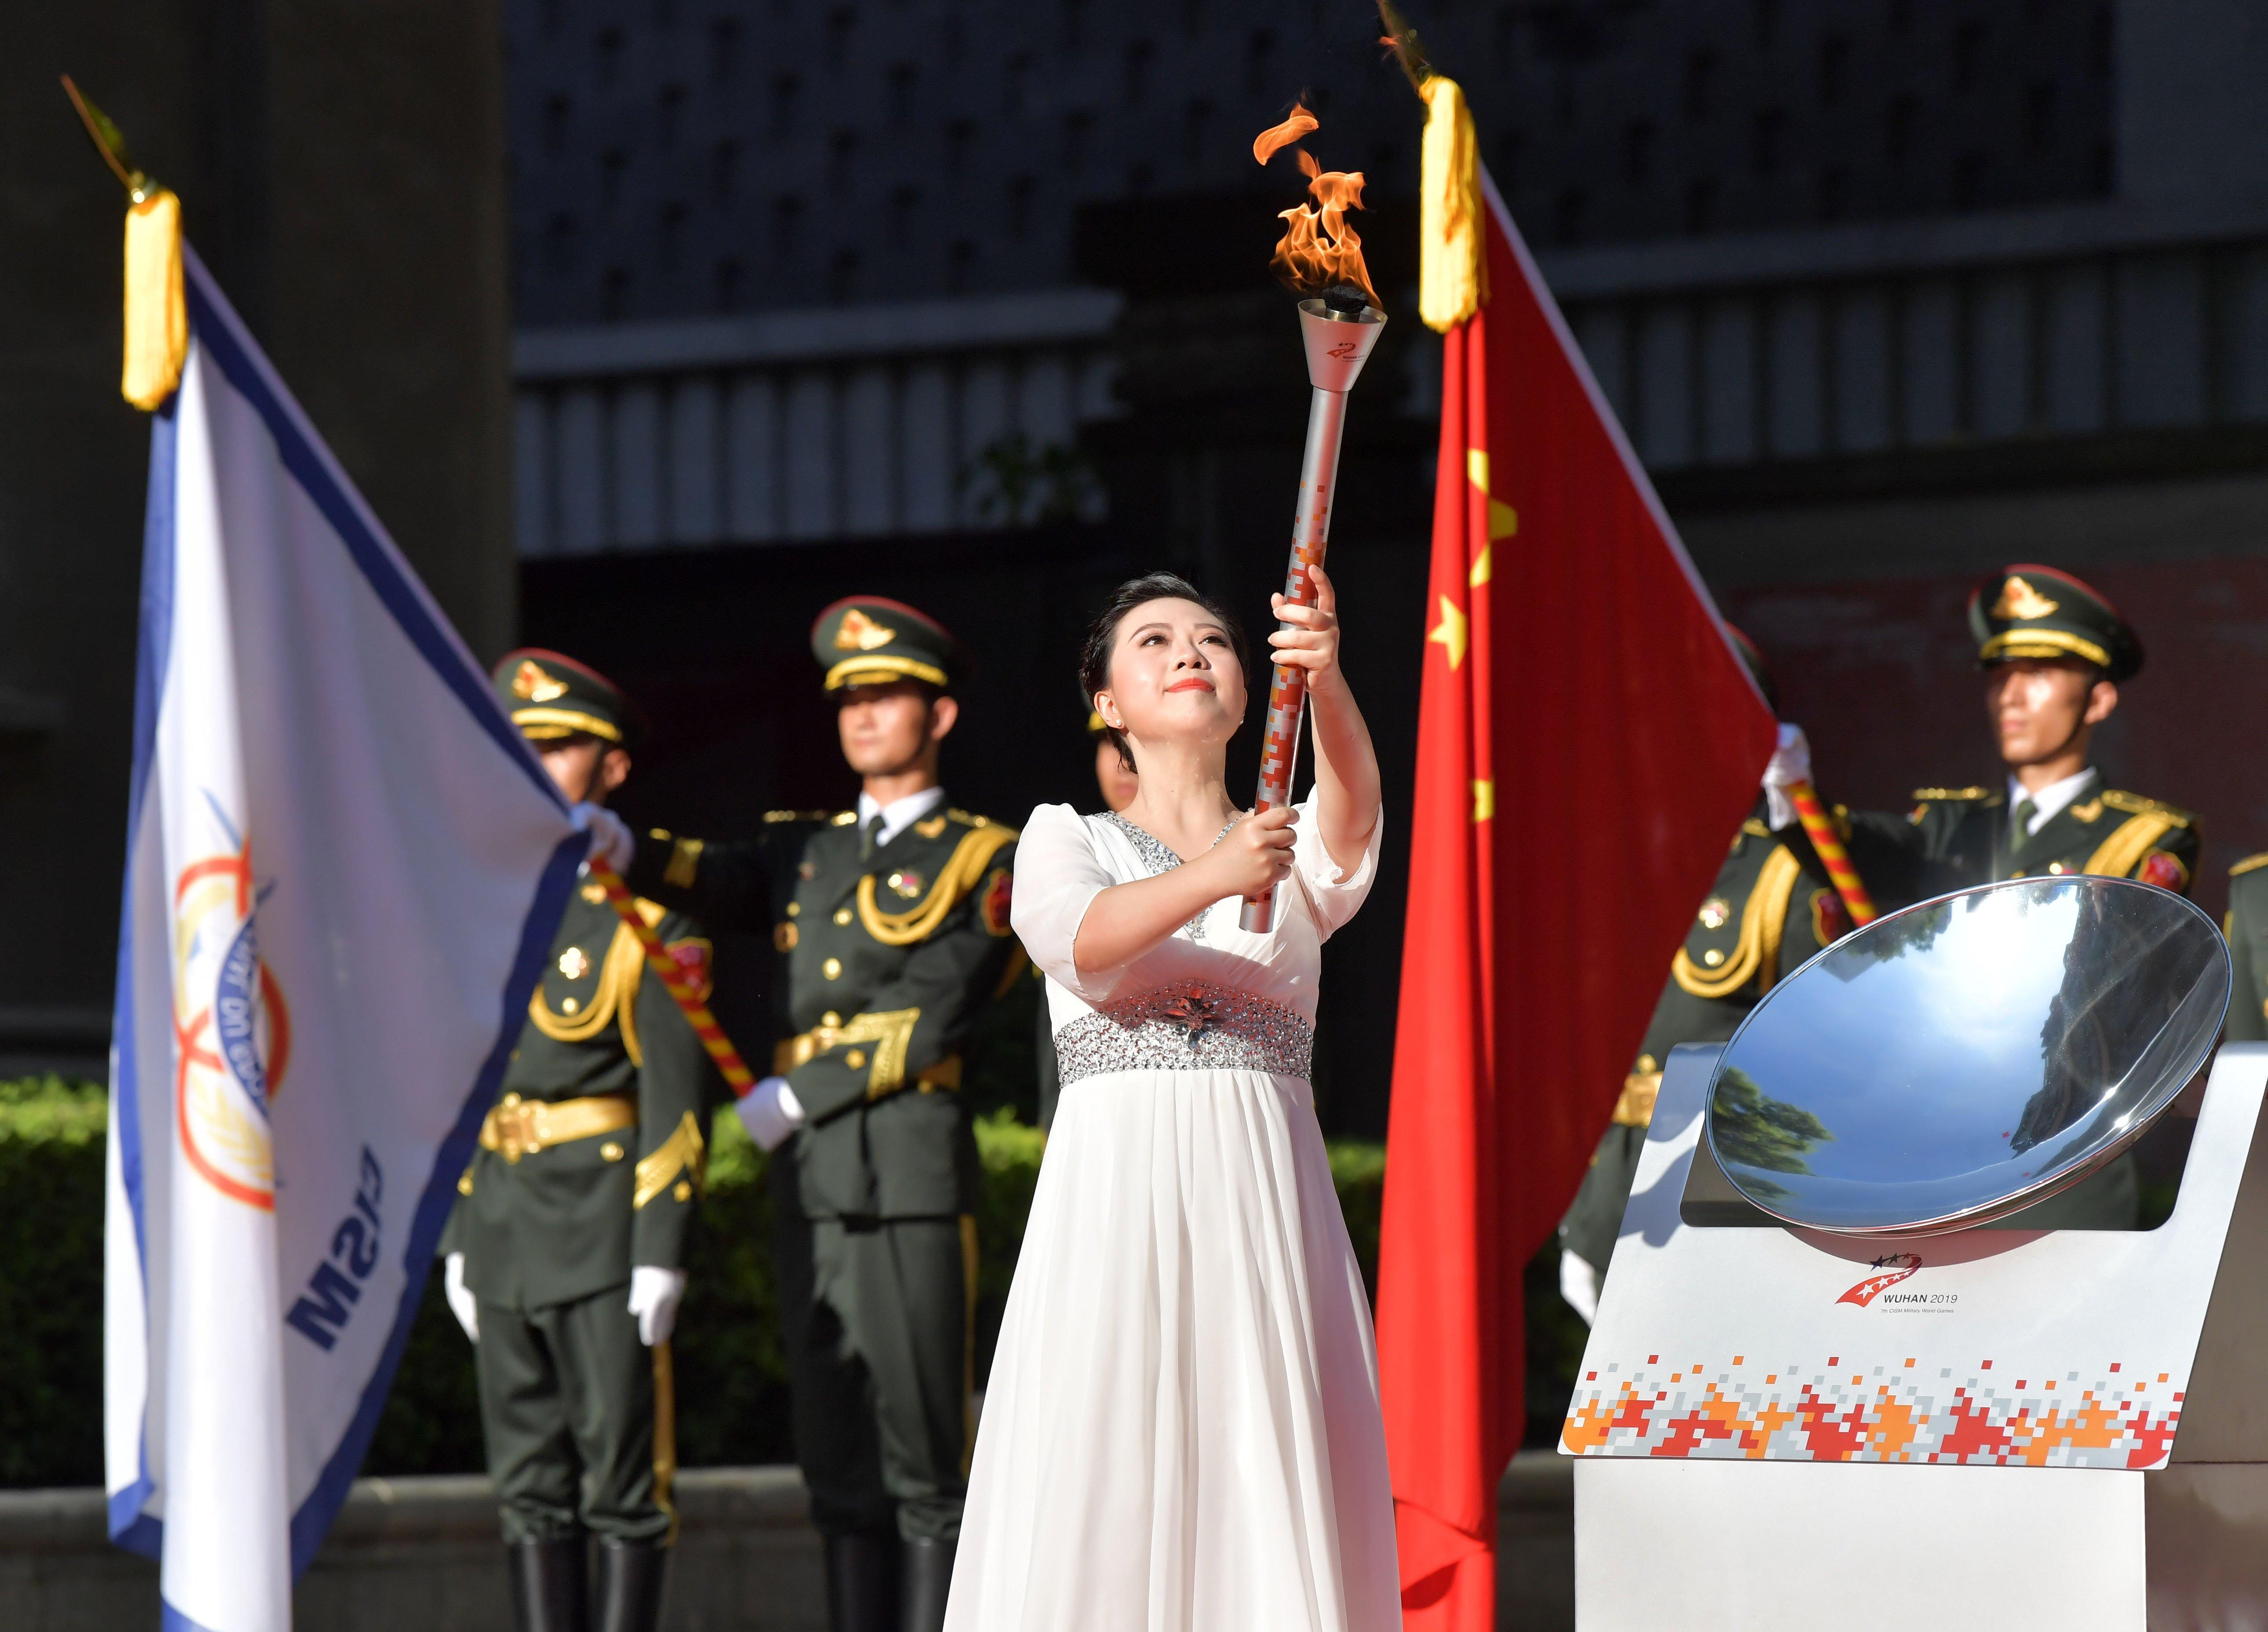 第七屆世界軍運會在武漢開幕。官方網站